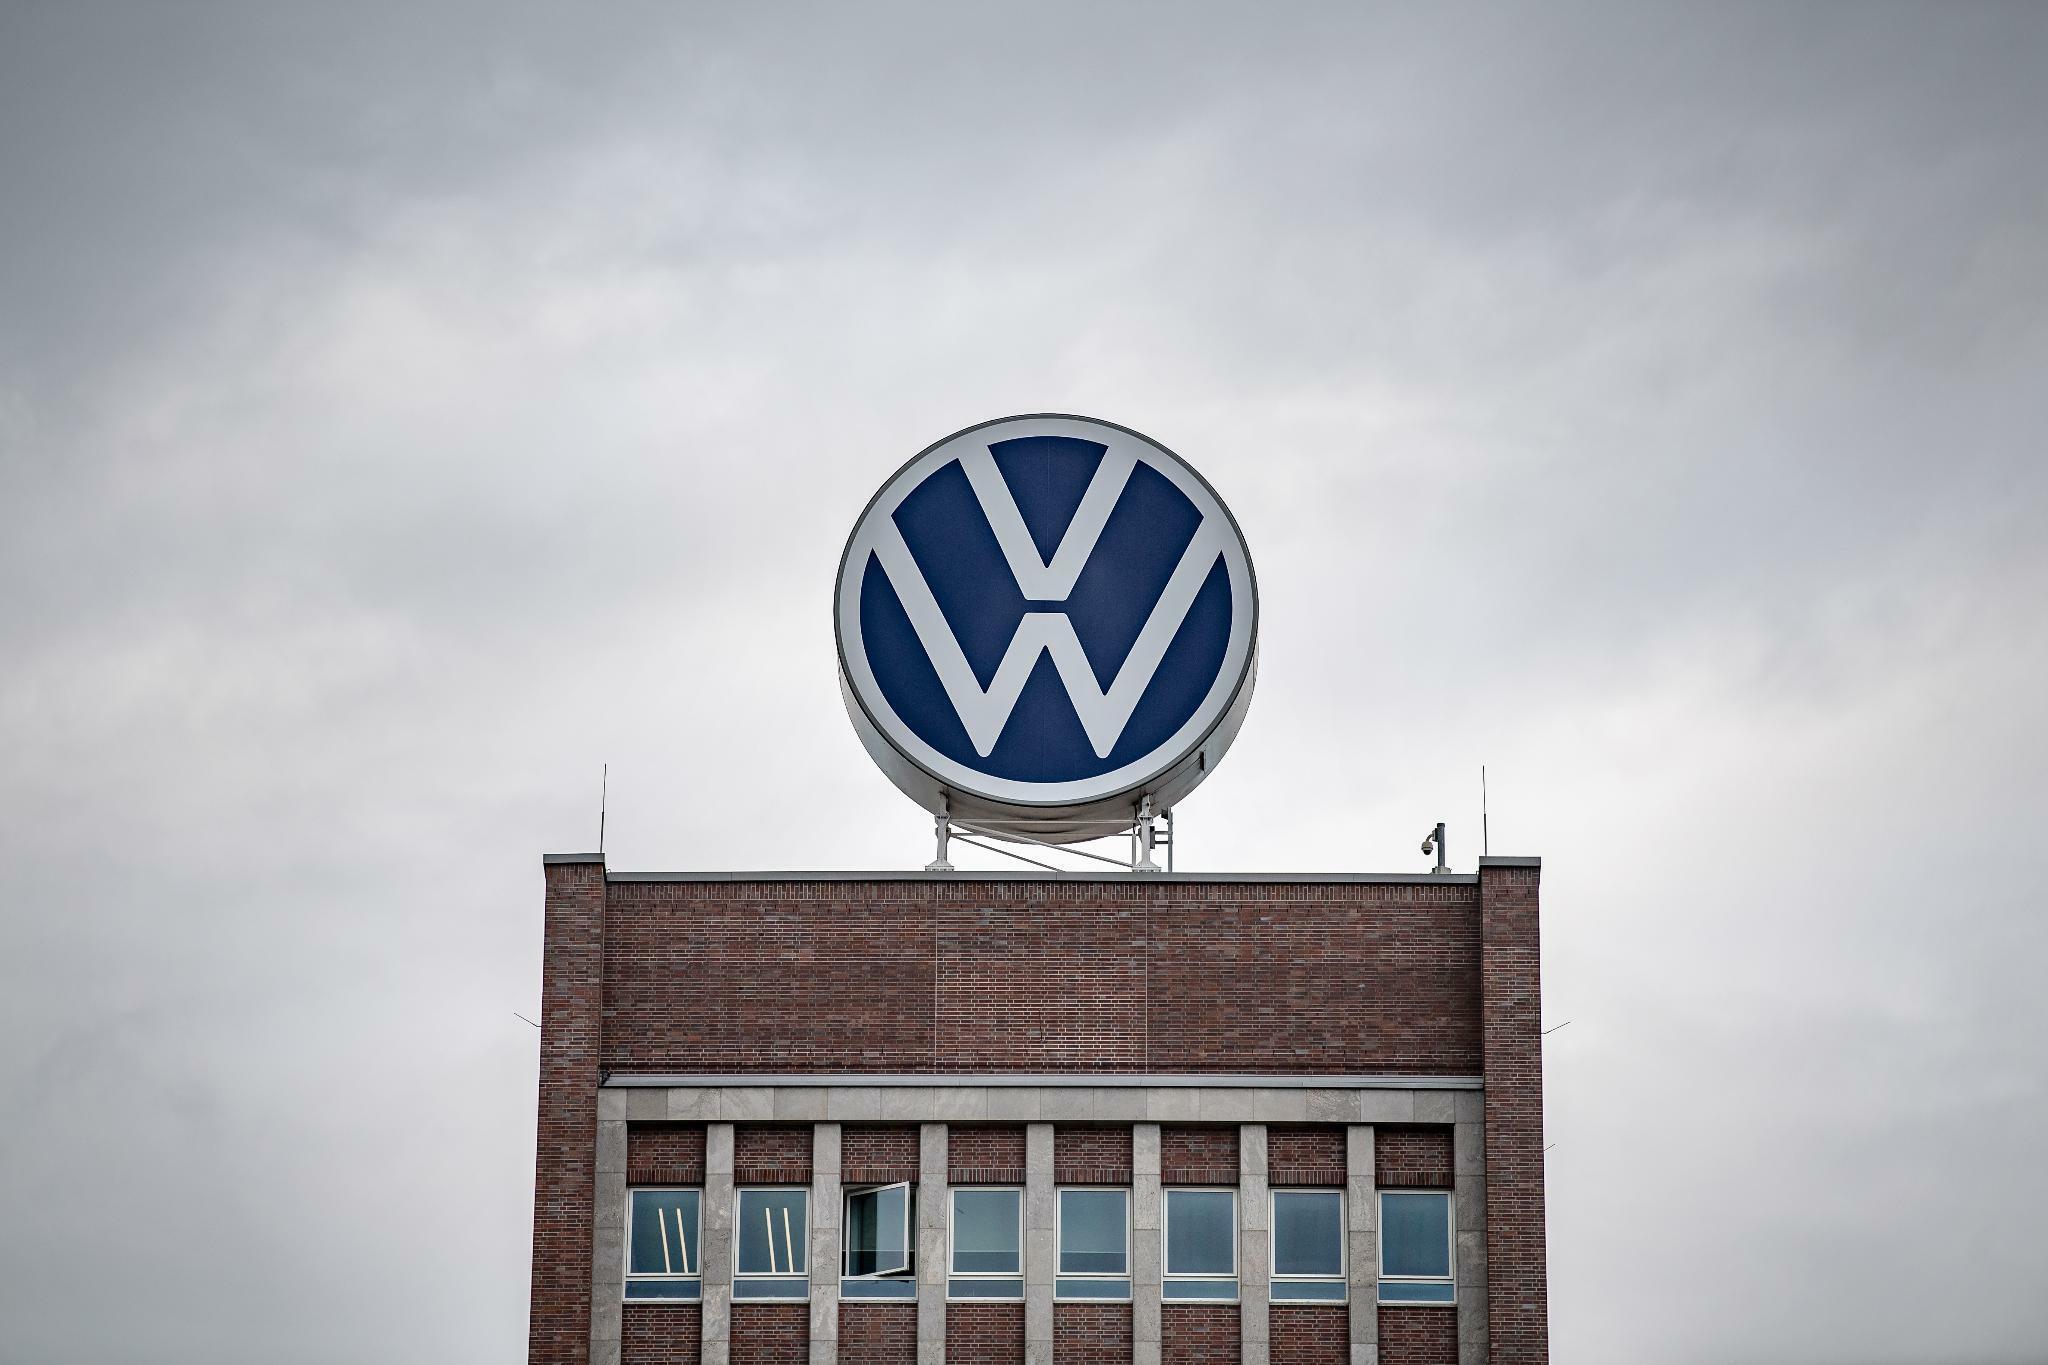 VW-Zulieferer: CO2-Reduktionspläne werden zur Existenzbedrohung